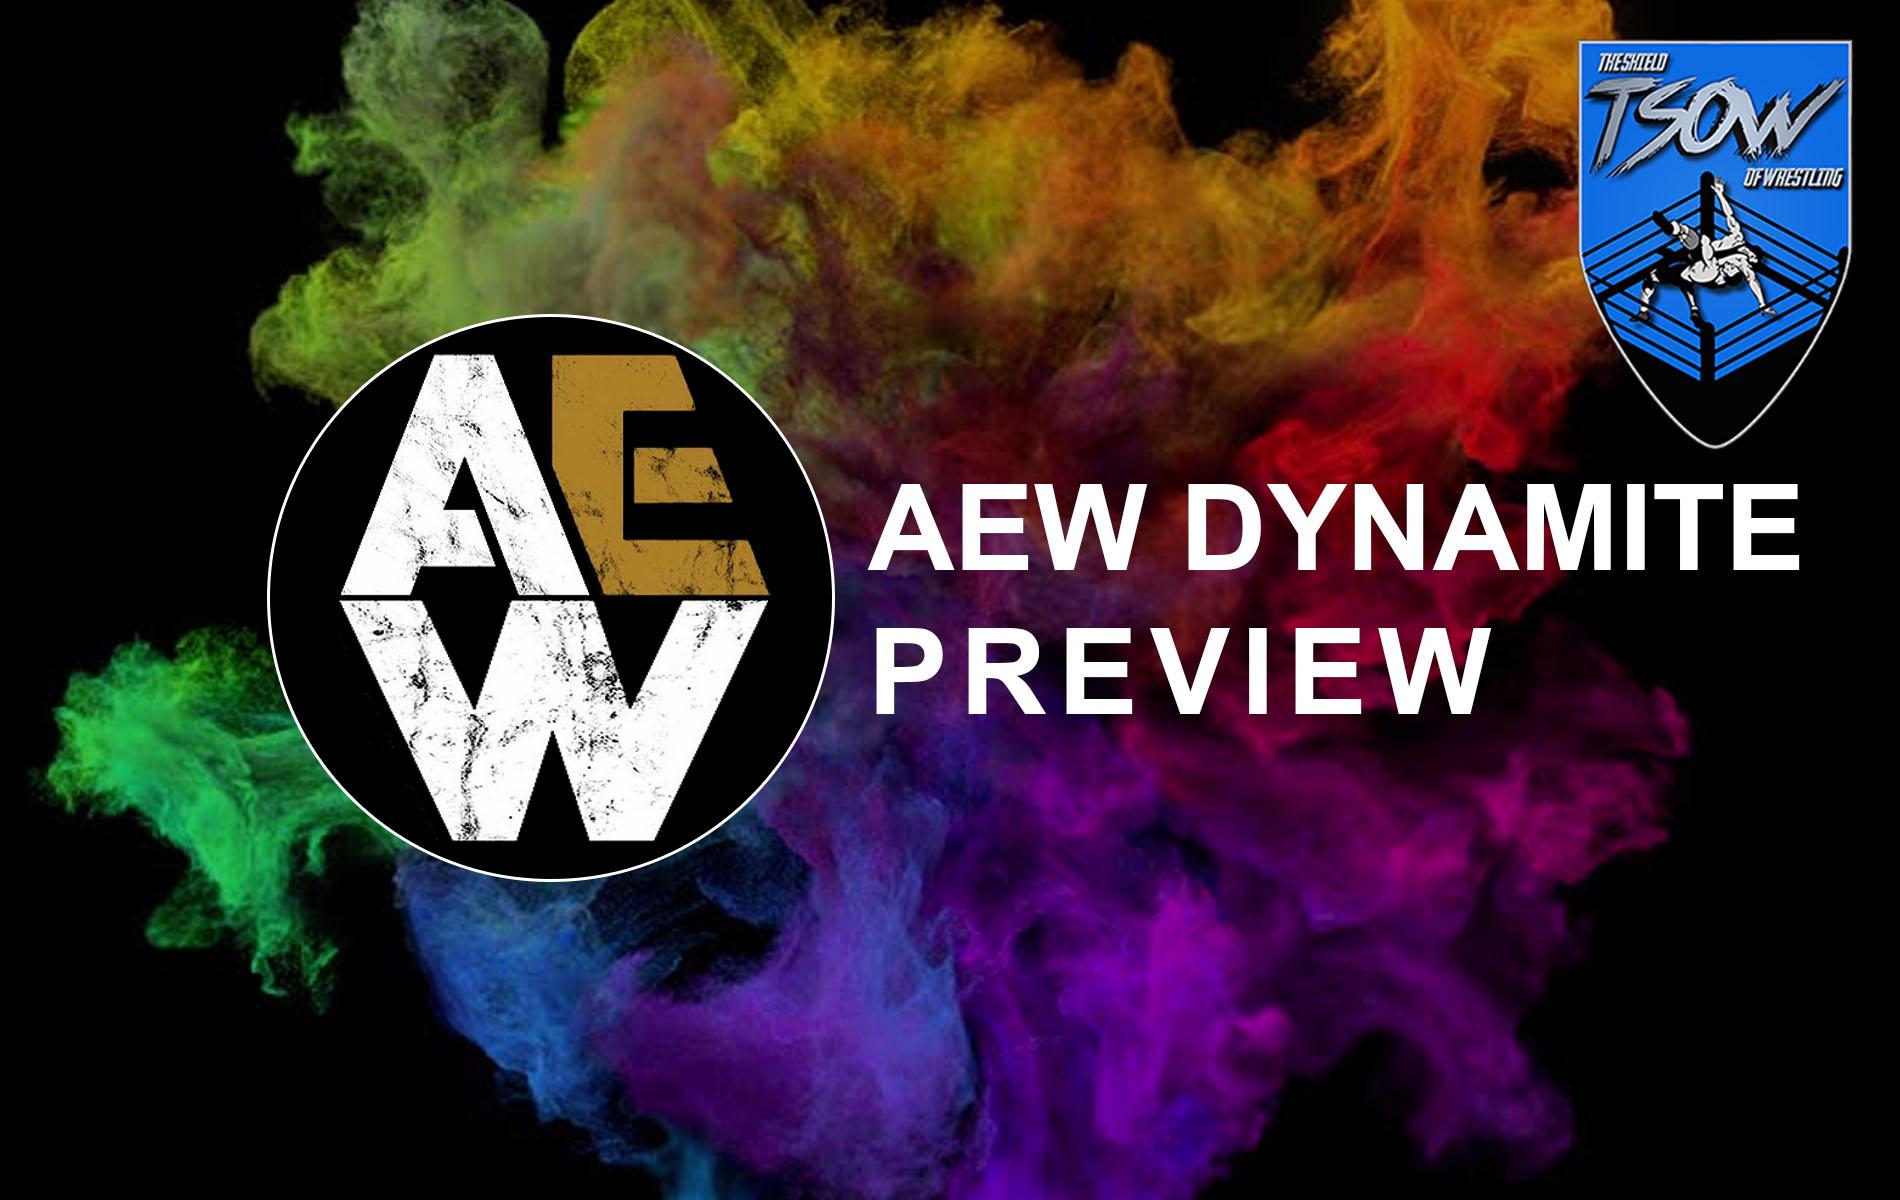 Anteprima AEW Dynamite 18-11-2020